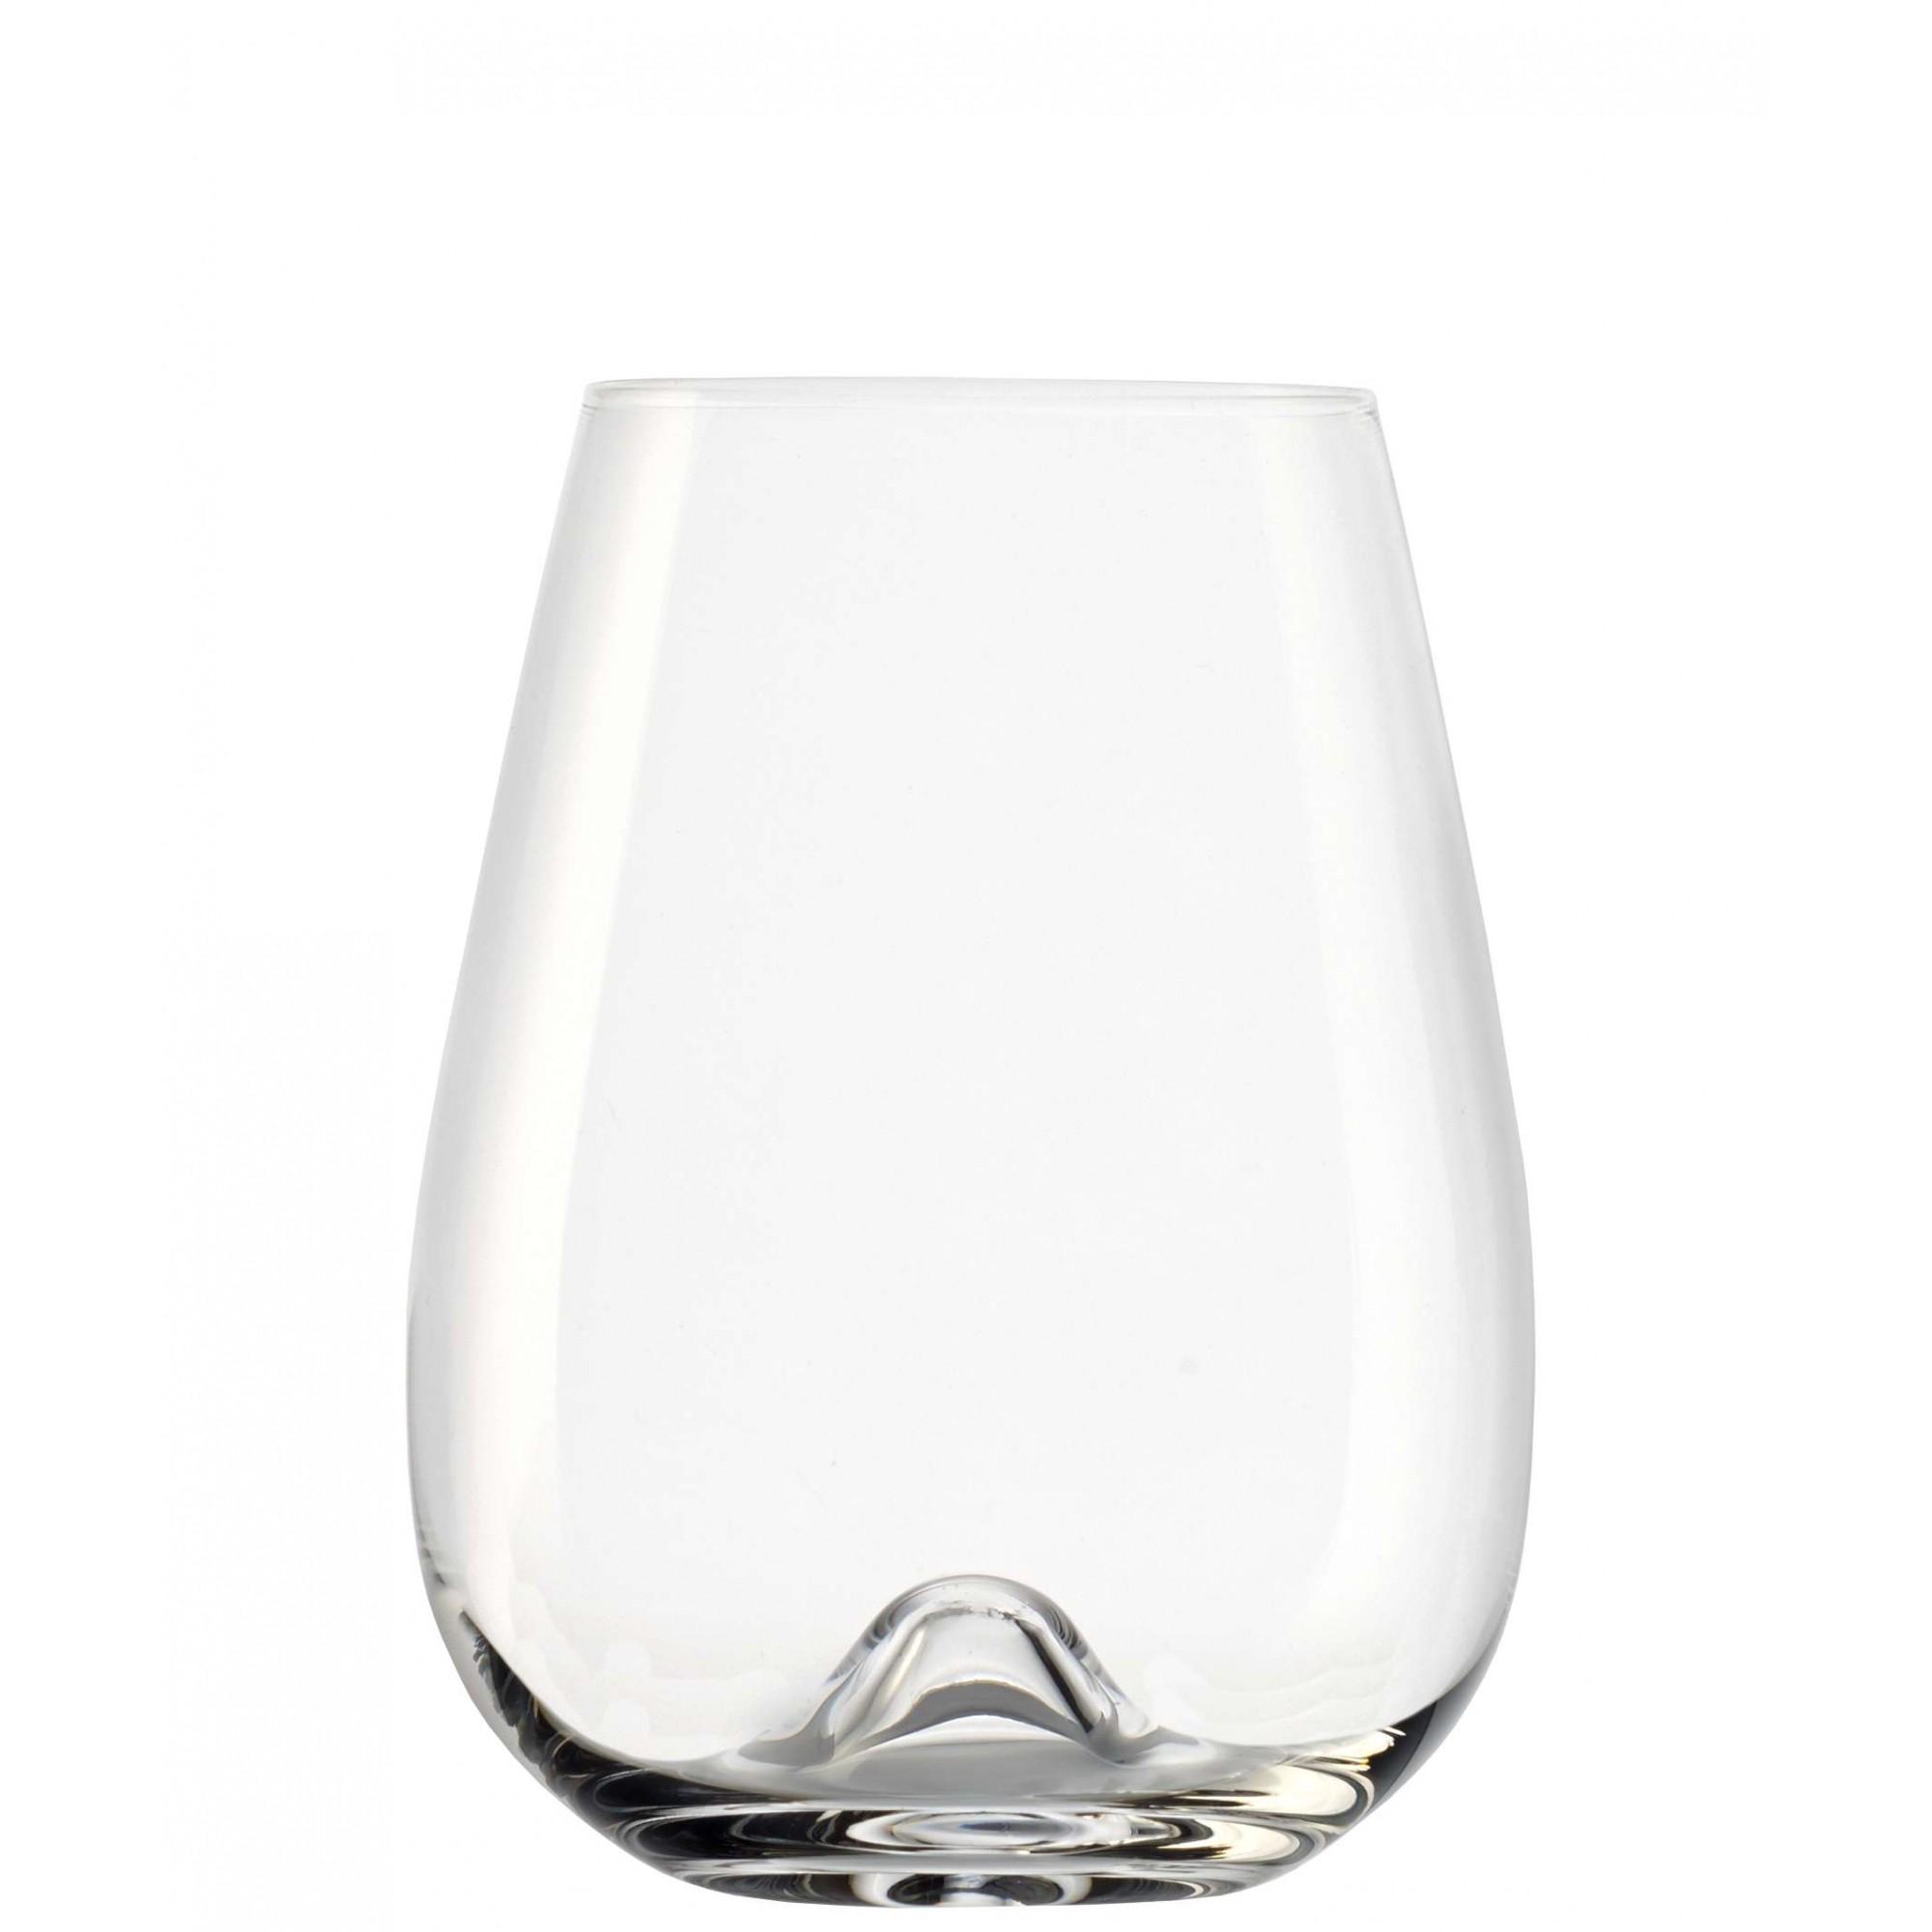 Conjunto De Copos De Cristal Para Degustação De Vinho de 475 ML Linha Vulcano Stölzle Lausitz